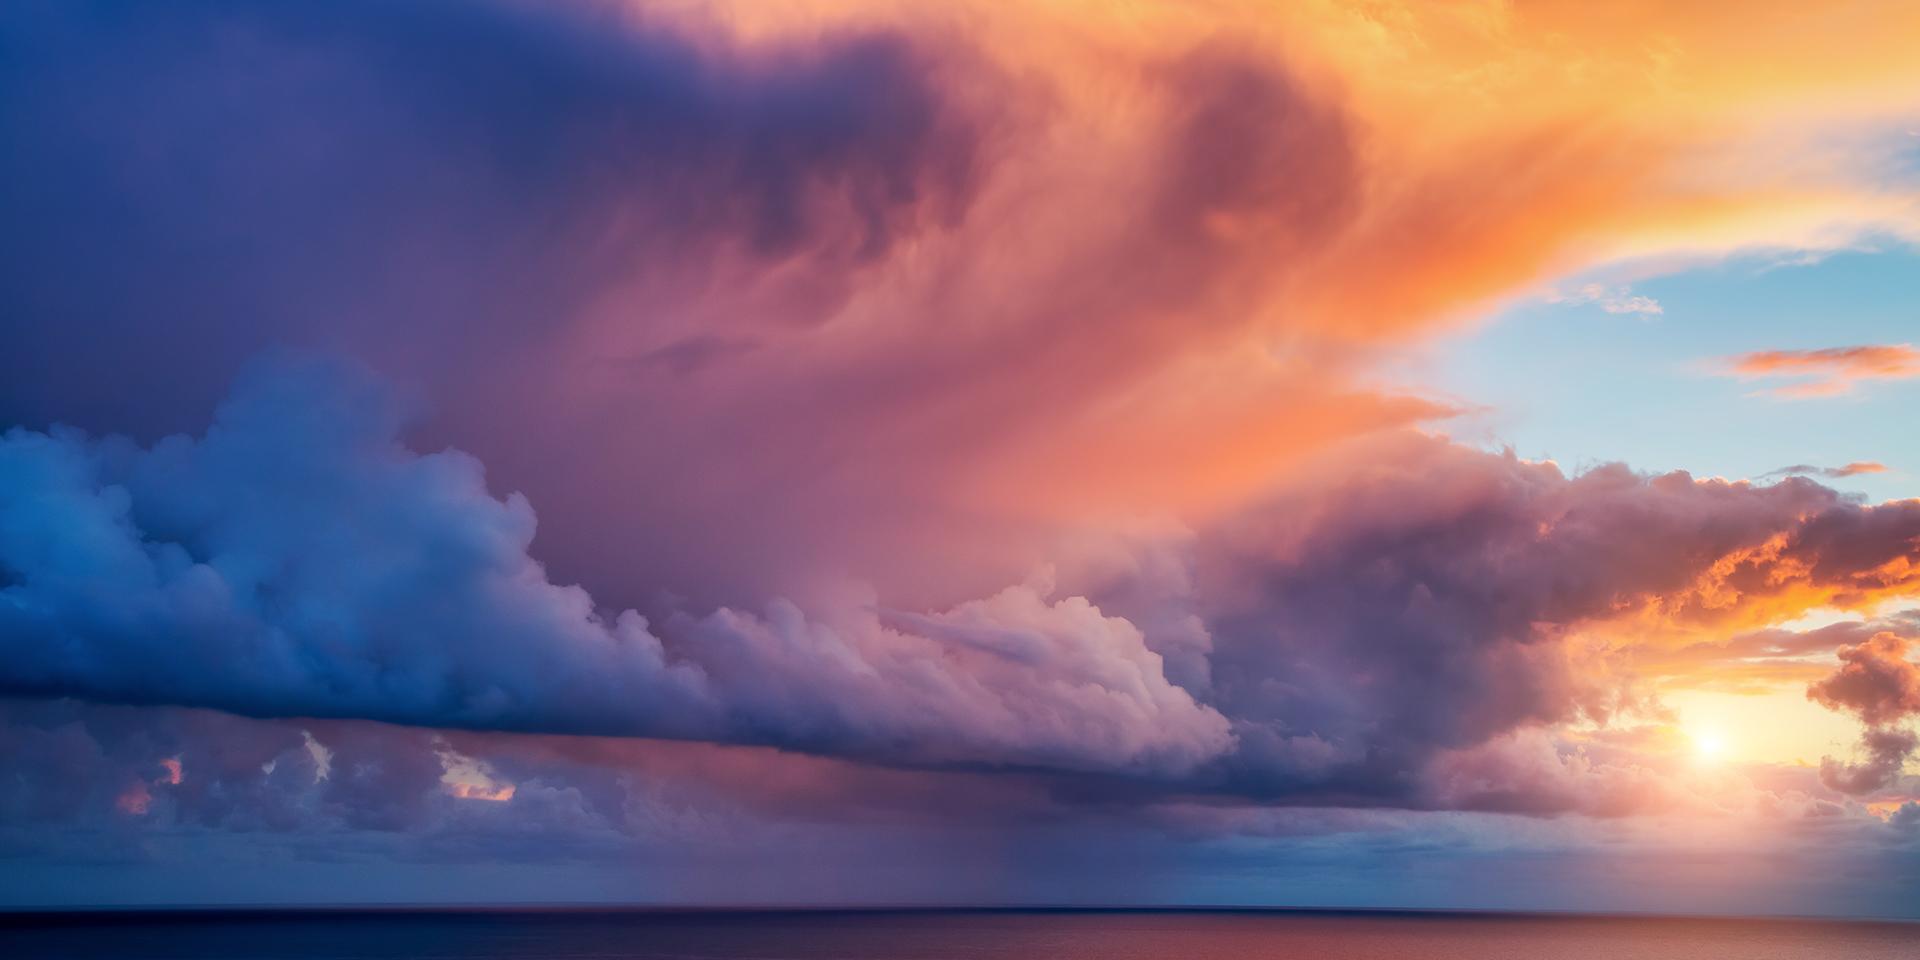 Hình ảnh lớp mây cuộn sóng rất đẹp